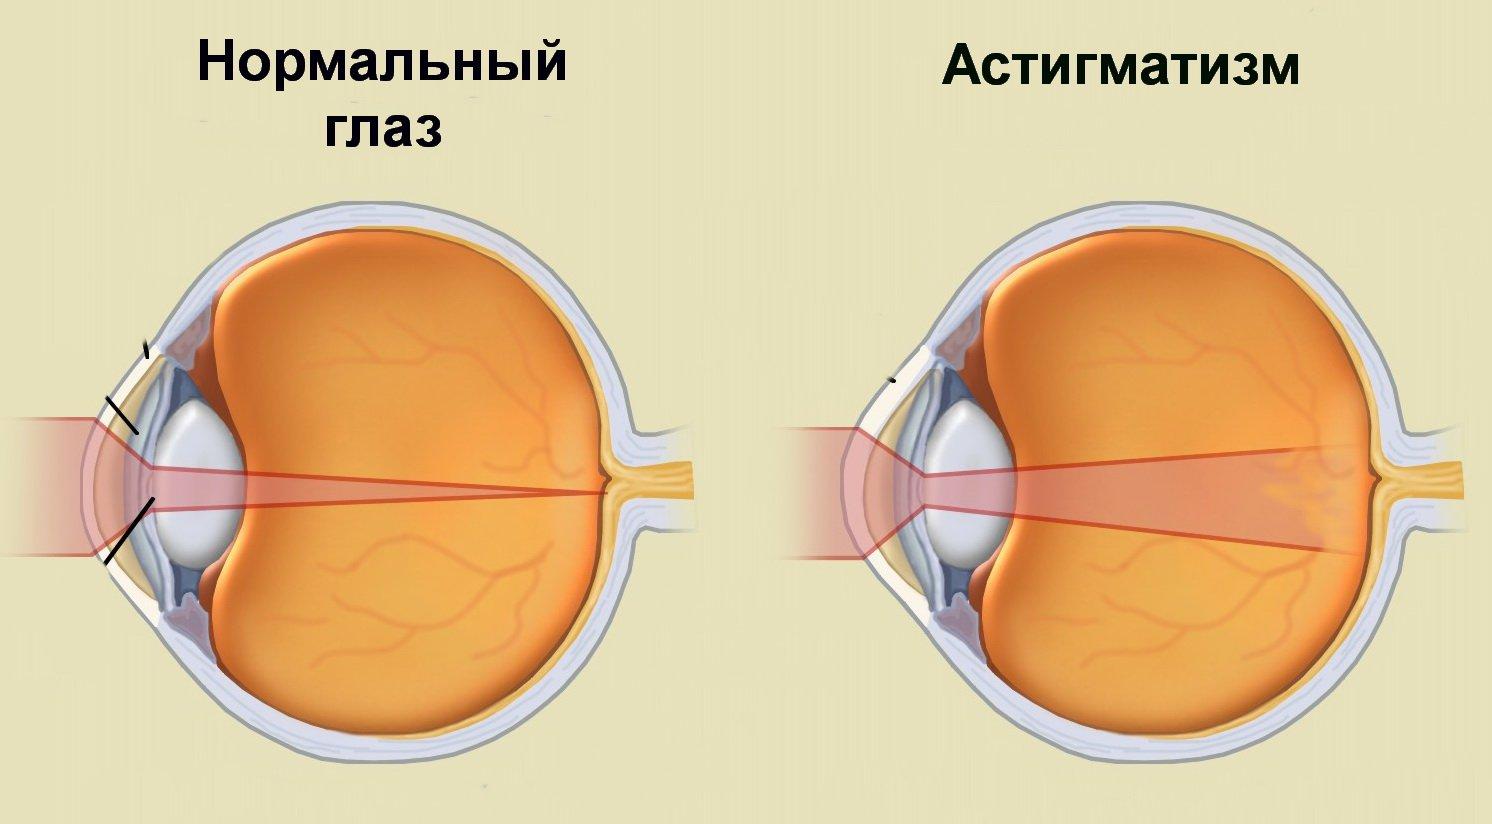 A látástorna javítása - Lehet-e javítani a látást otthon?